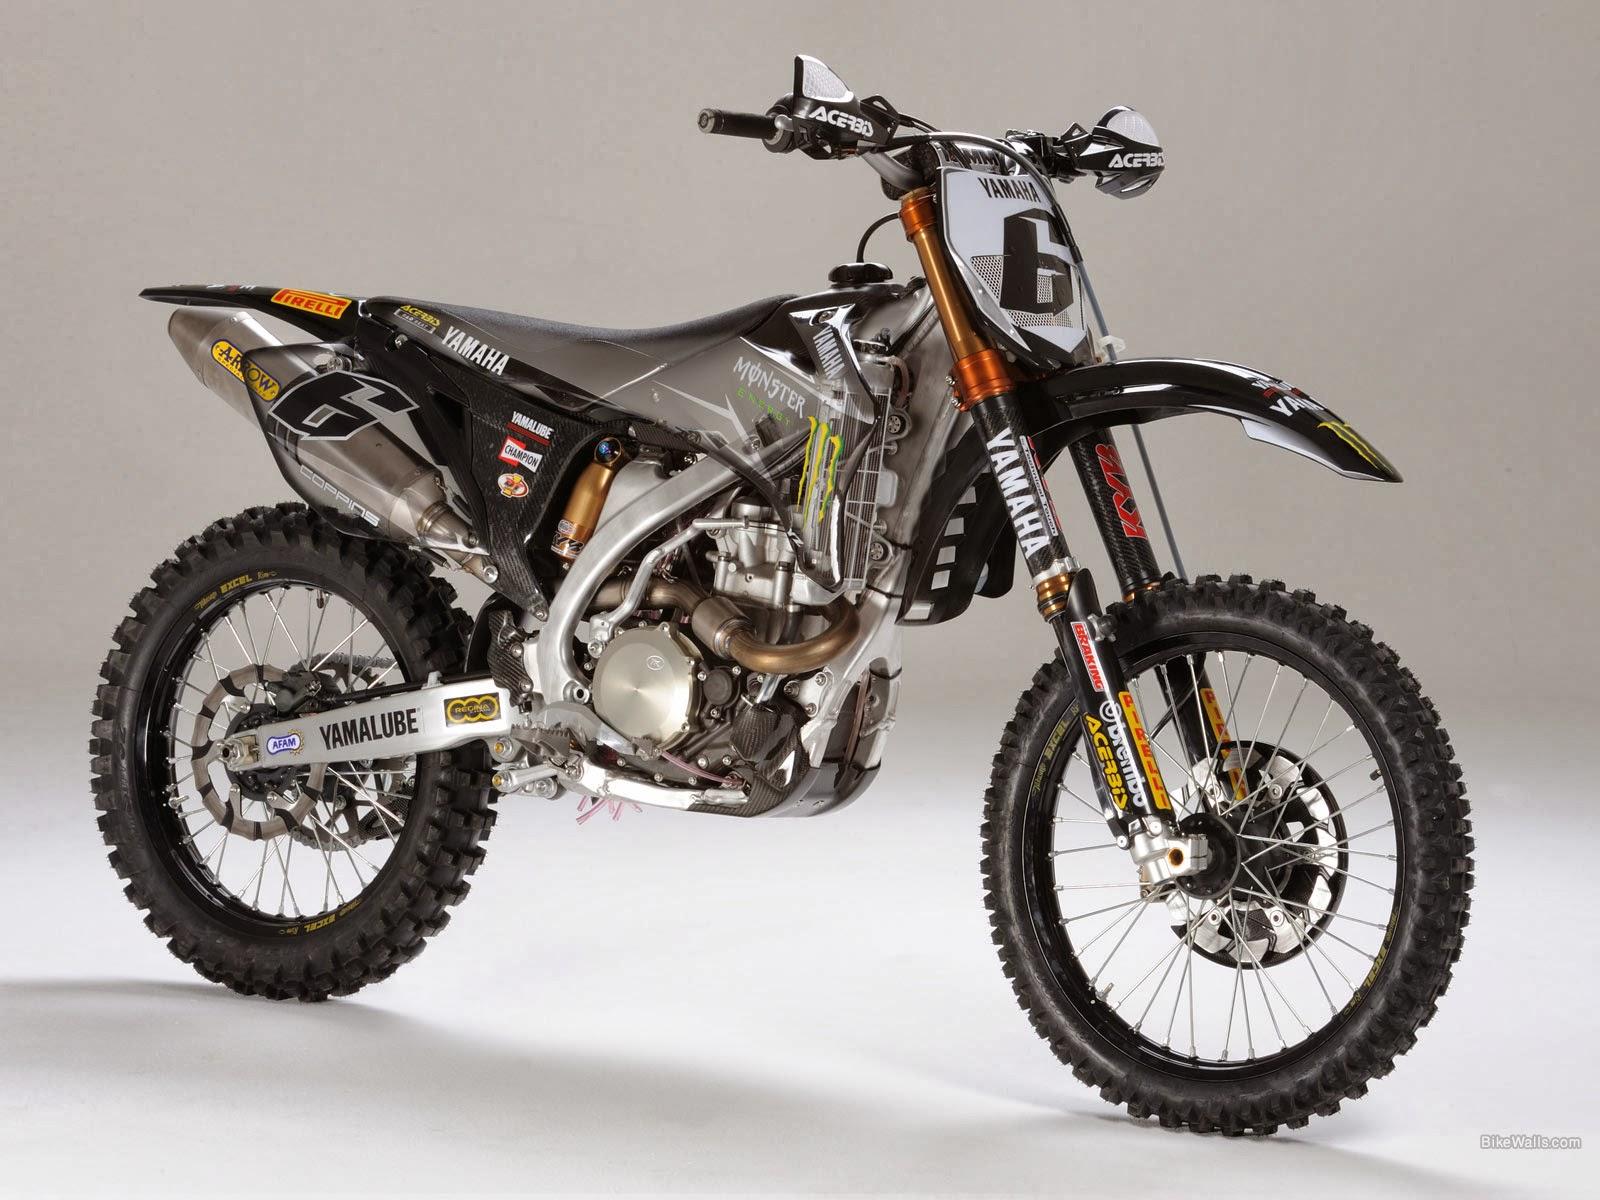 Yamaha Yz 450 Fm Yamaha Motor